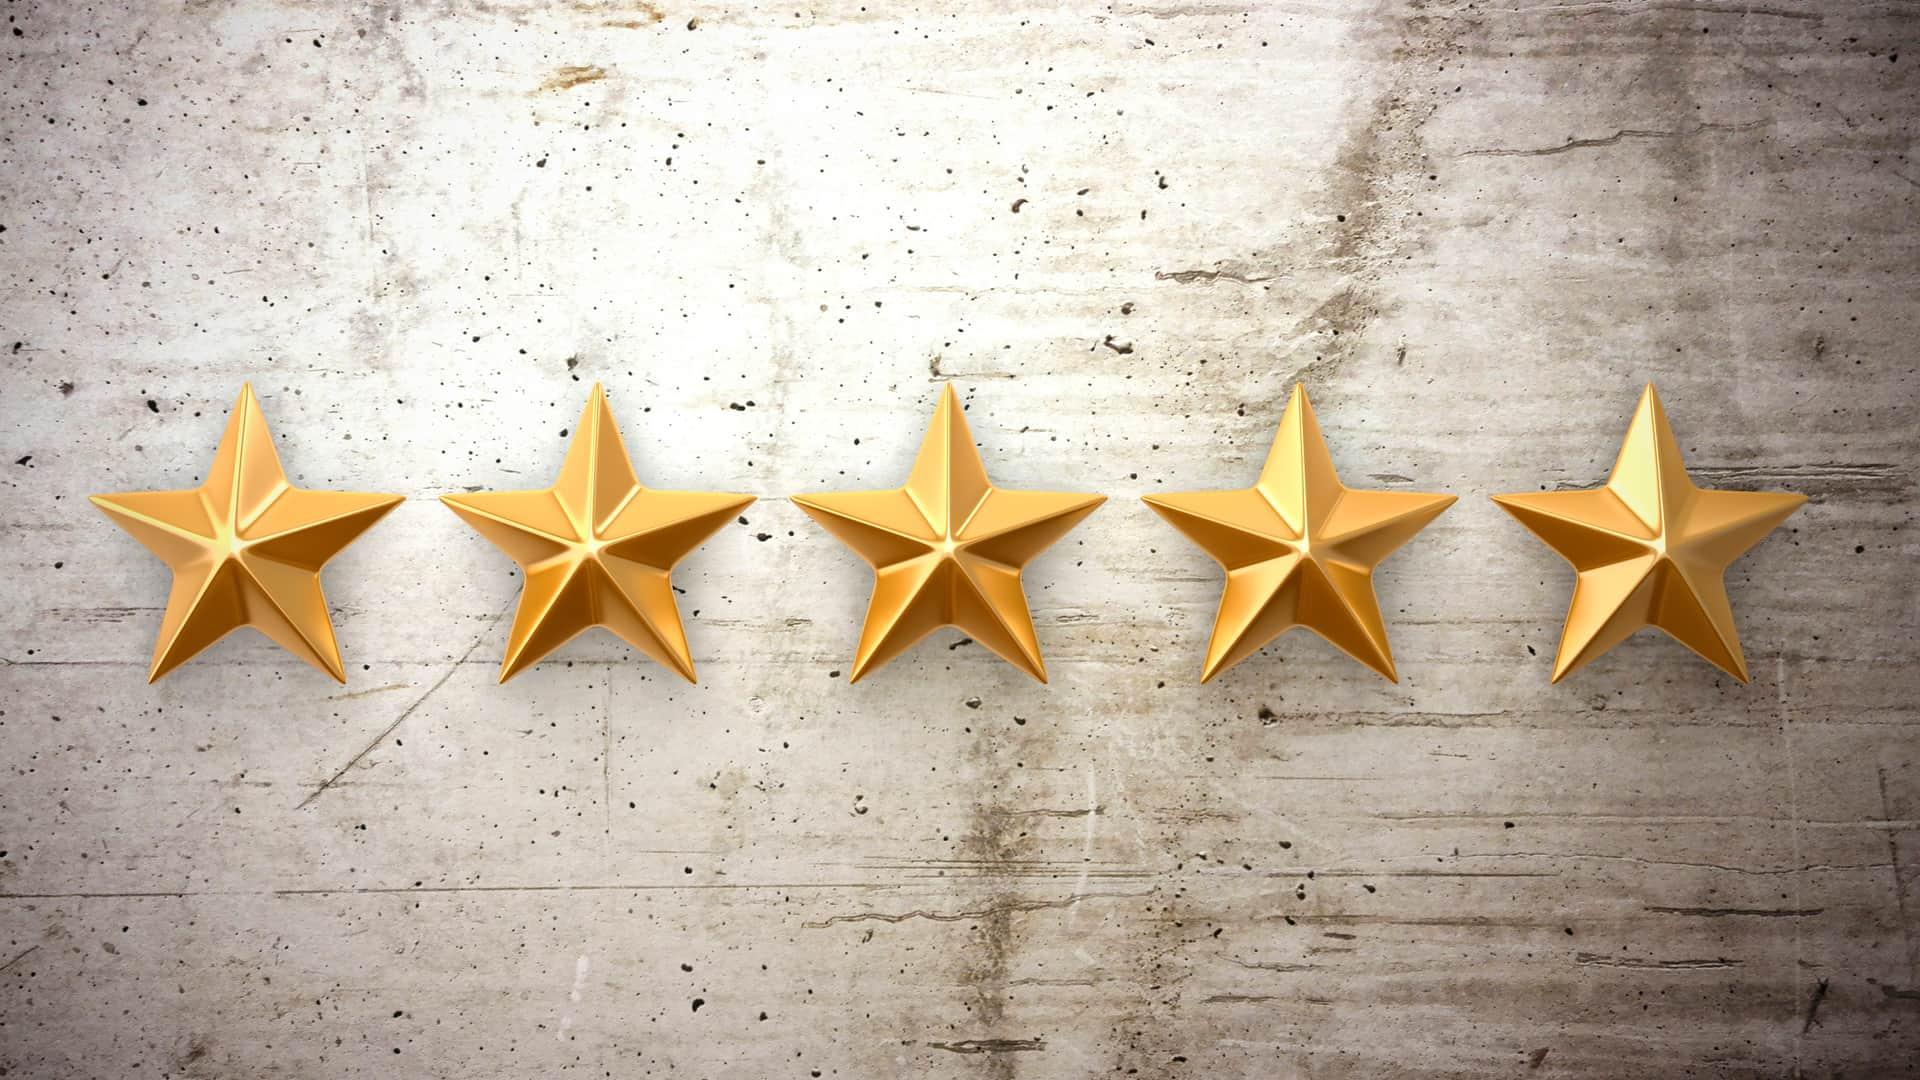 Cinco estrellas simboliza la opinión sobre el racc